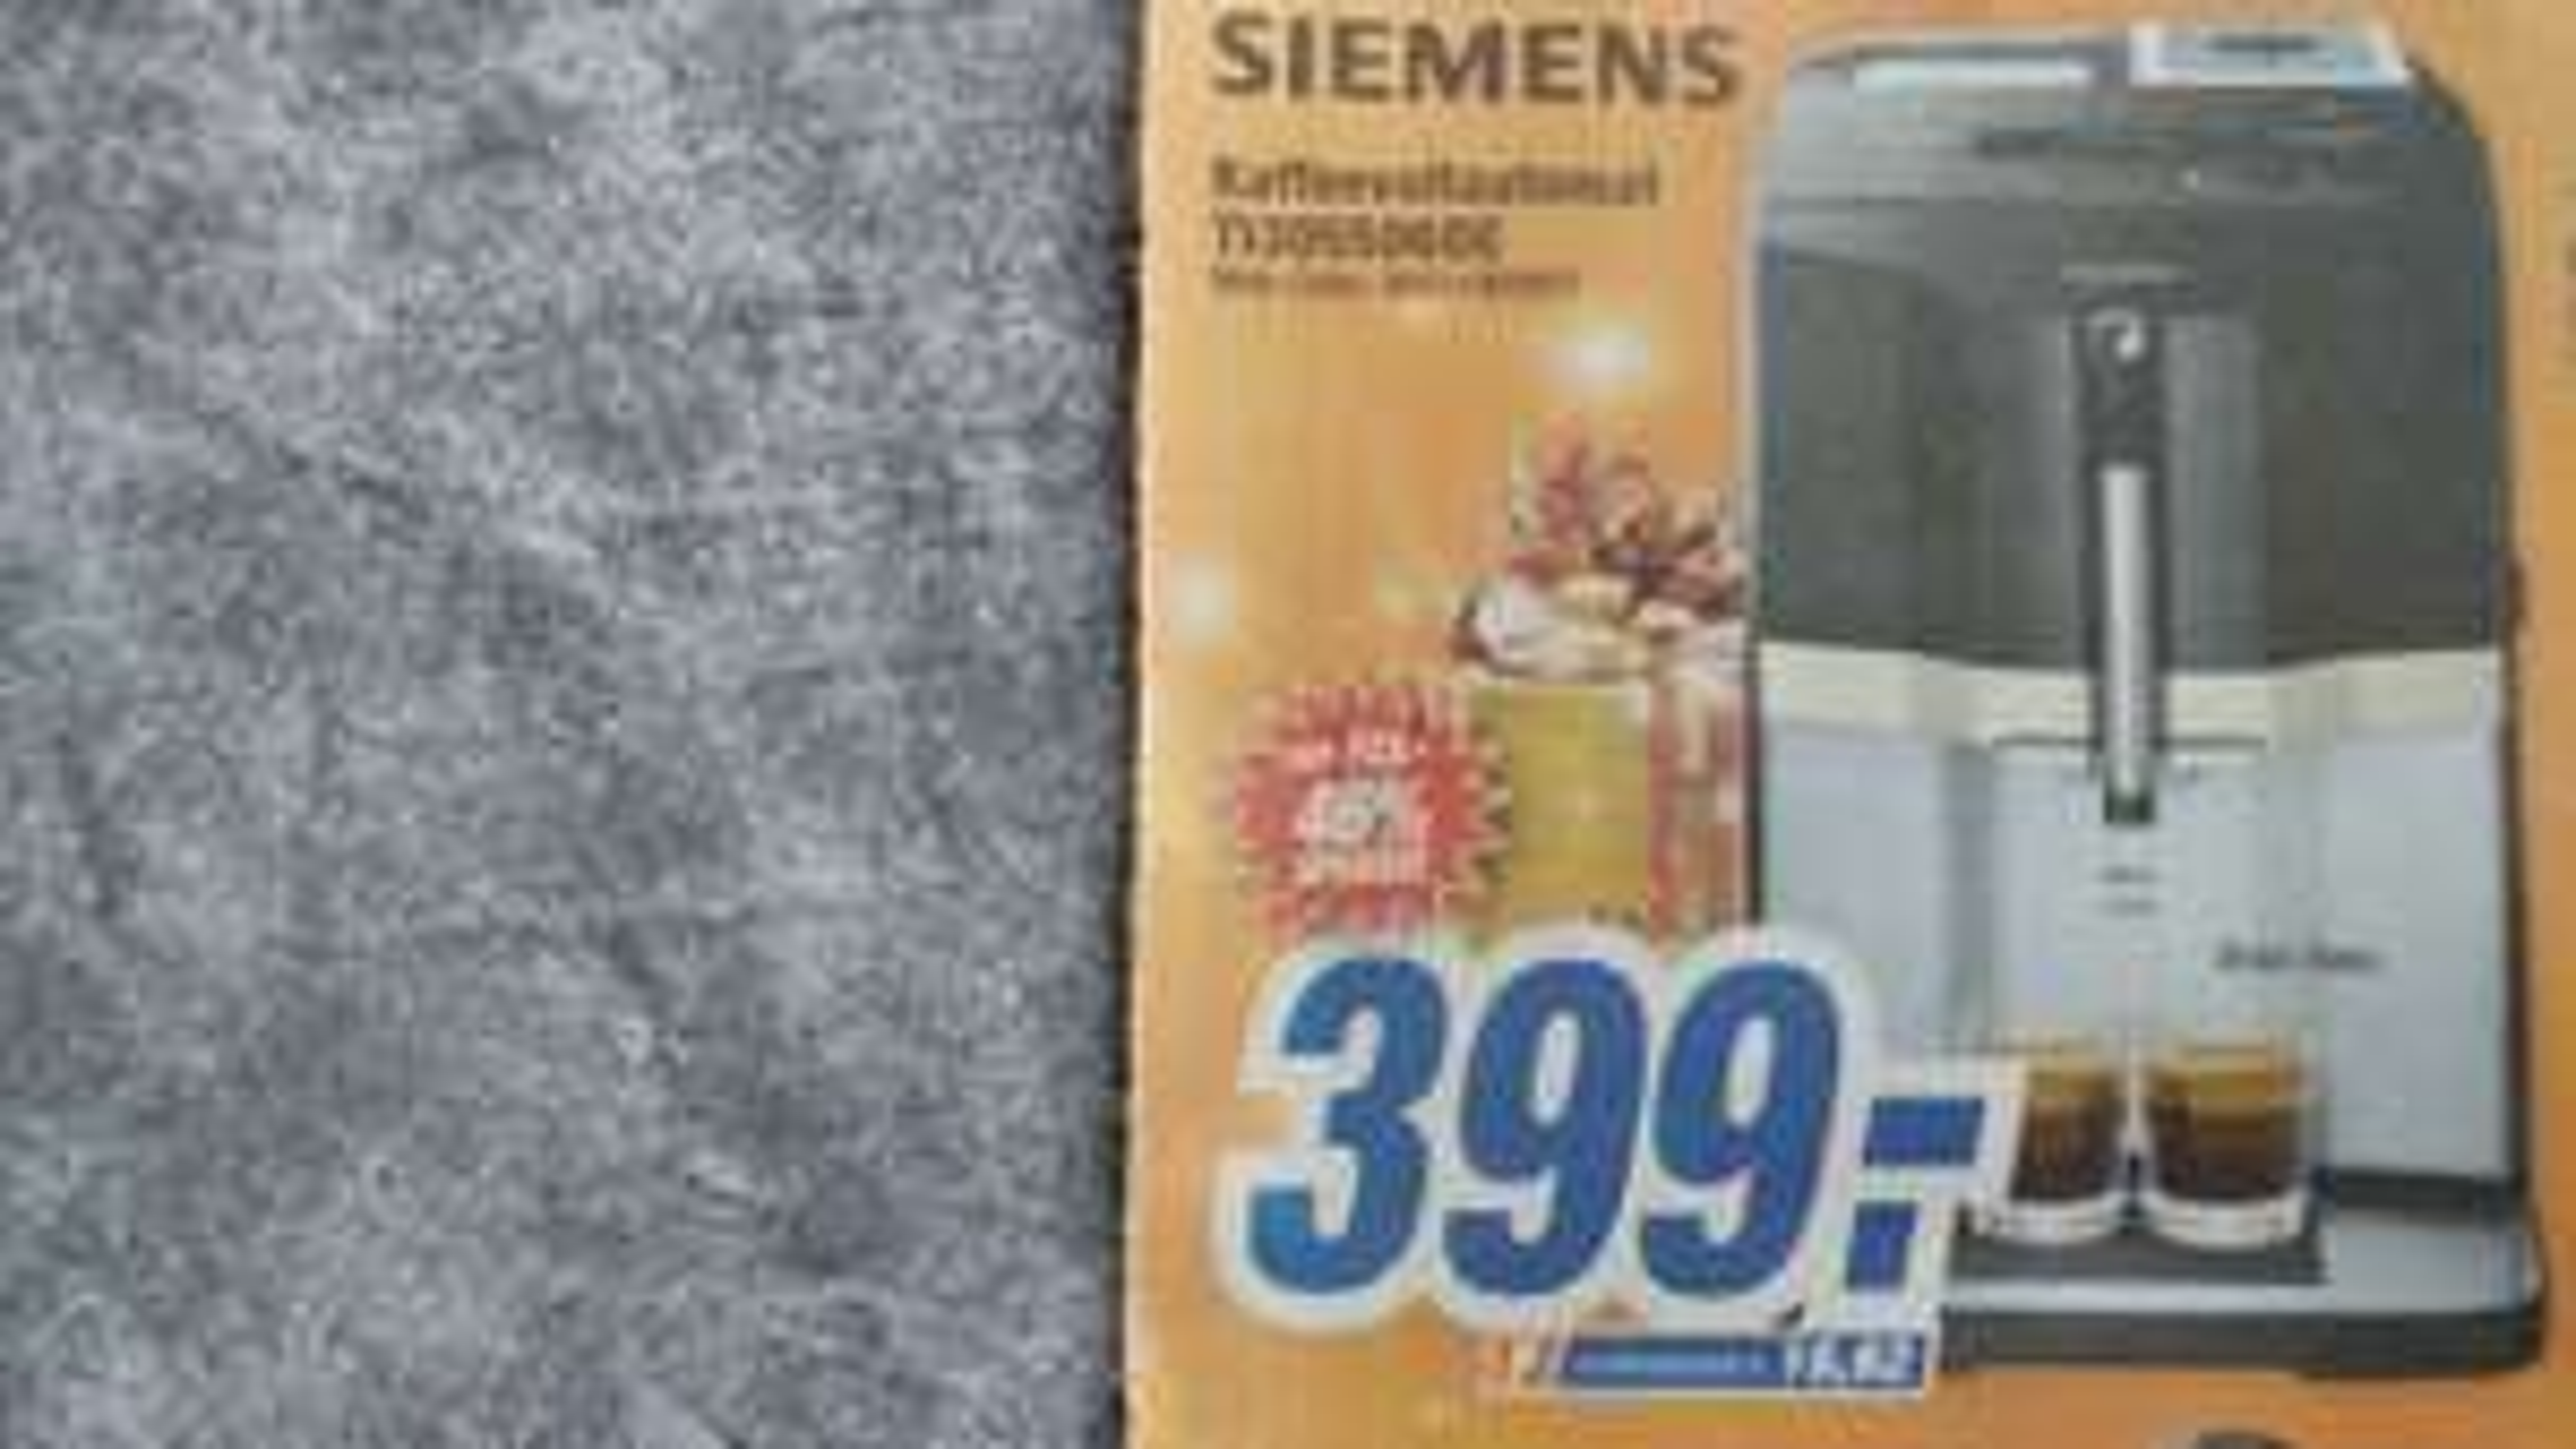 Siemens Kaffeevollautomat EQ 3 S500